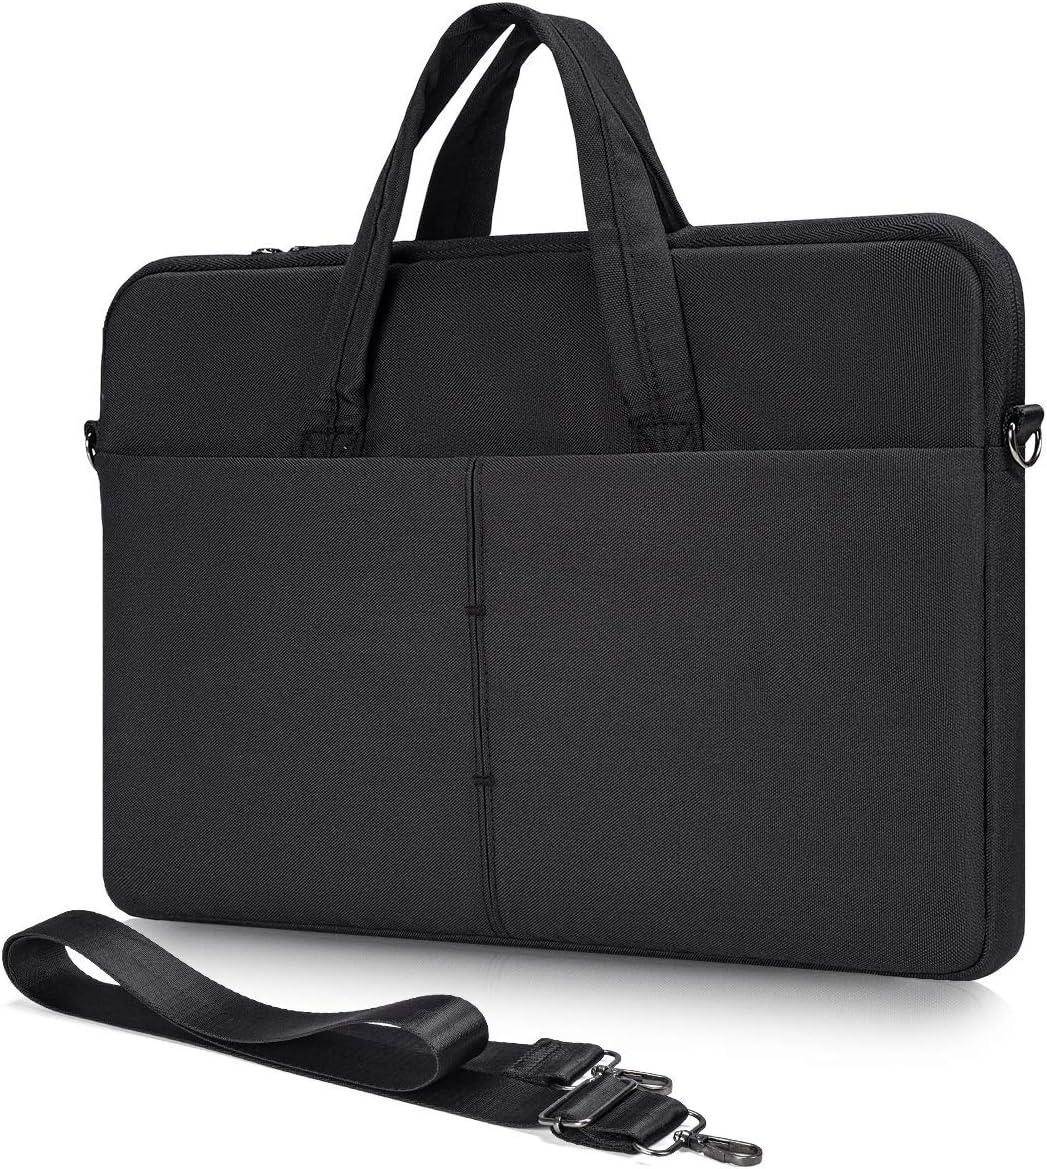 17-17.3 Inch Laptop Case with Shoulder Strap for 2020 HP 17.3/ Pavilion 17/ Envy 17/ OMEN 17, Asus Vivobook Pro 17/TUF 17/ROG 17.3, Dell Inspiron 17 3000 3793 Notebook Computer(Black)